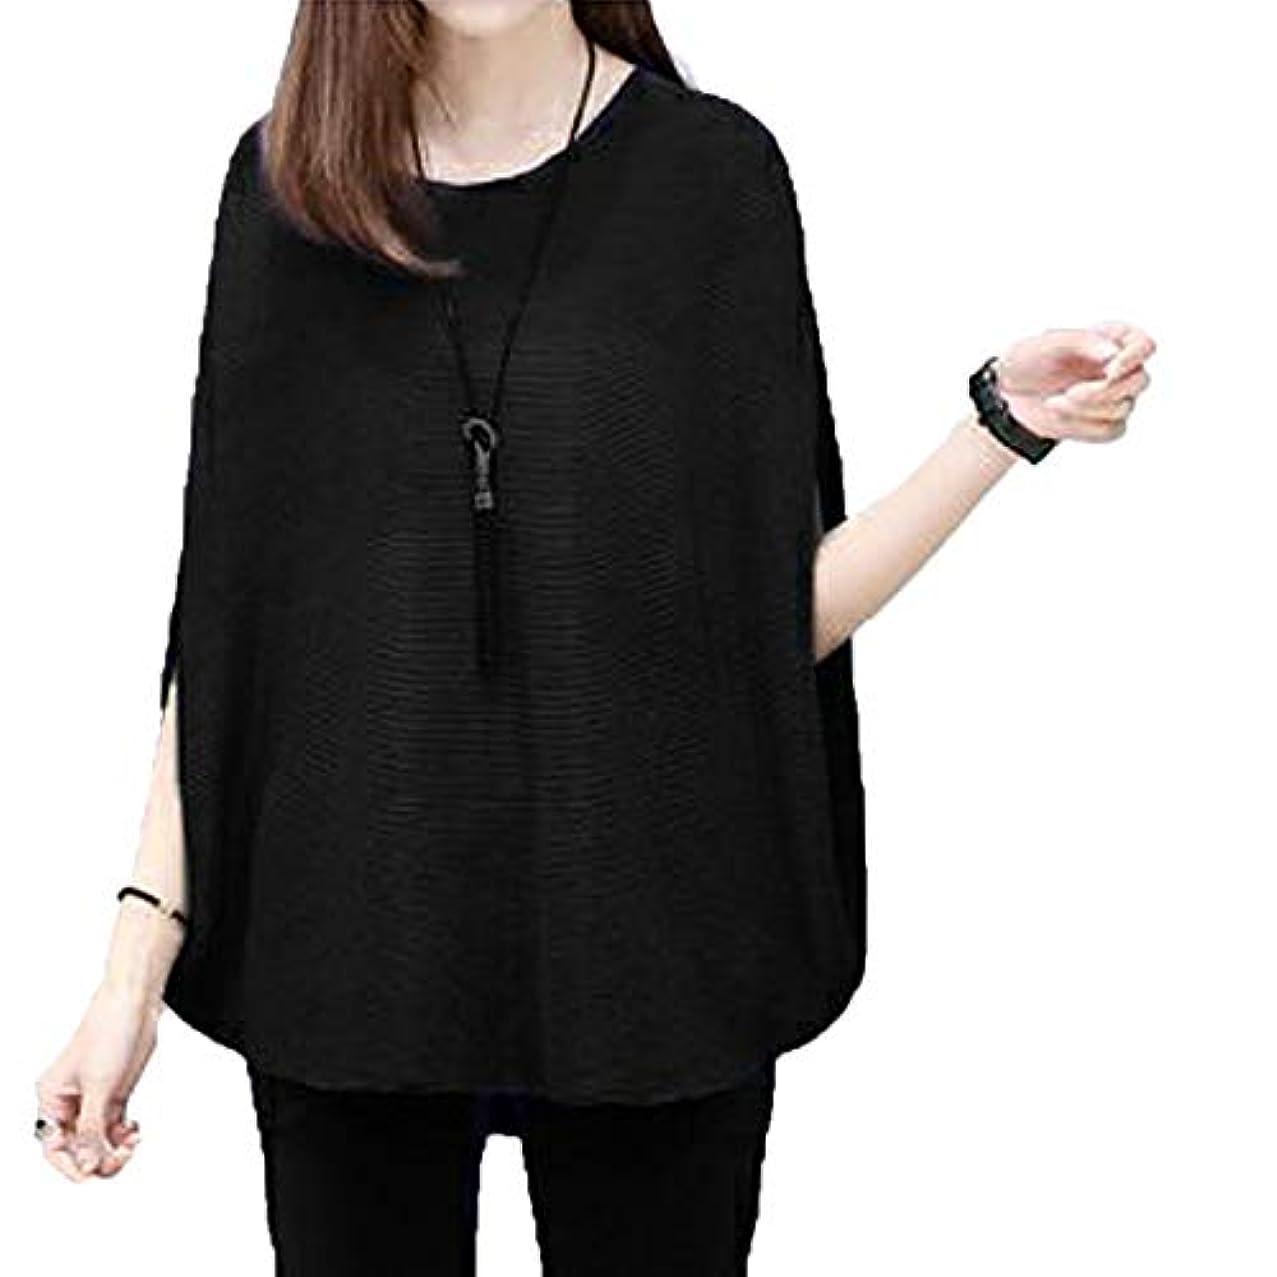 急速なフルーティー神話[ココチエ] レディース トップス Tシャツ 二の腕 カバー 半袖 ノースリーブ プルオーバー ゆったり 大人体型 体型カバー おおきいサイズ おしゃれ 黒 ネイビー